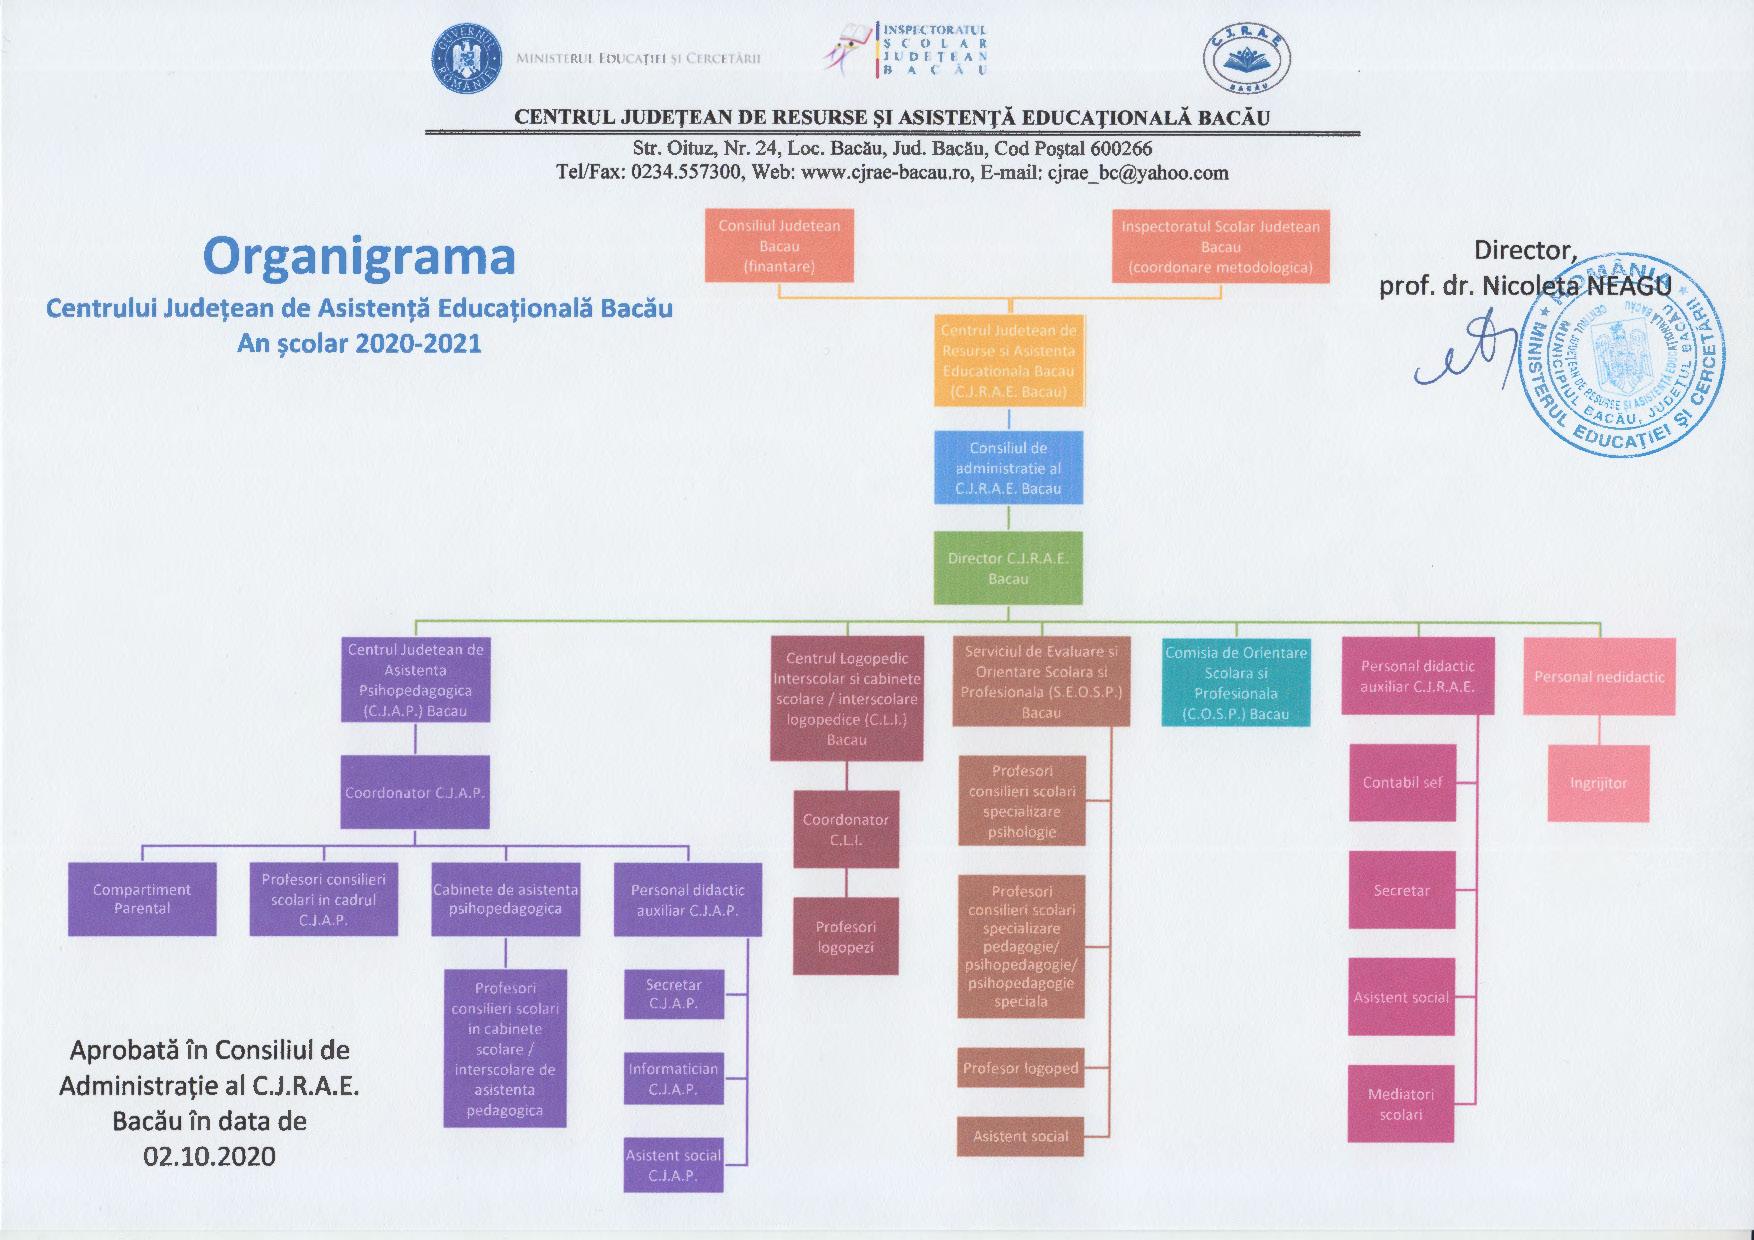 Organigrama CJRAE 2020-2021